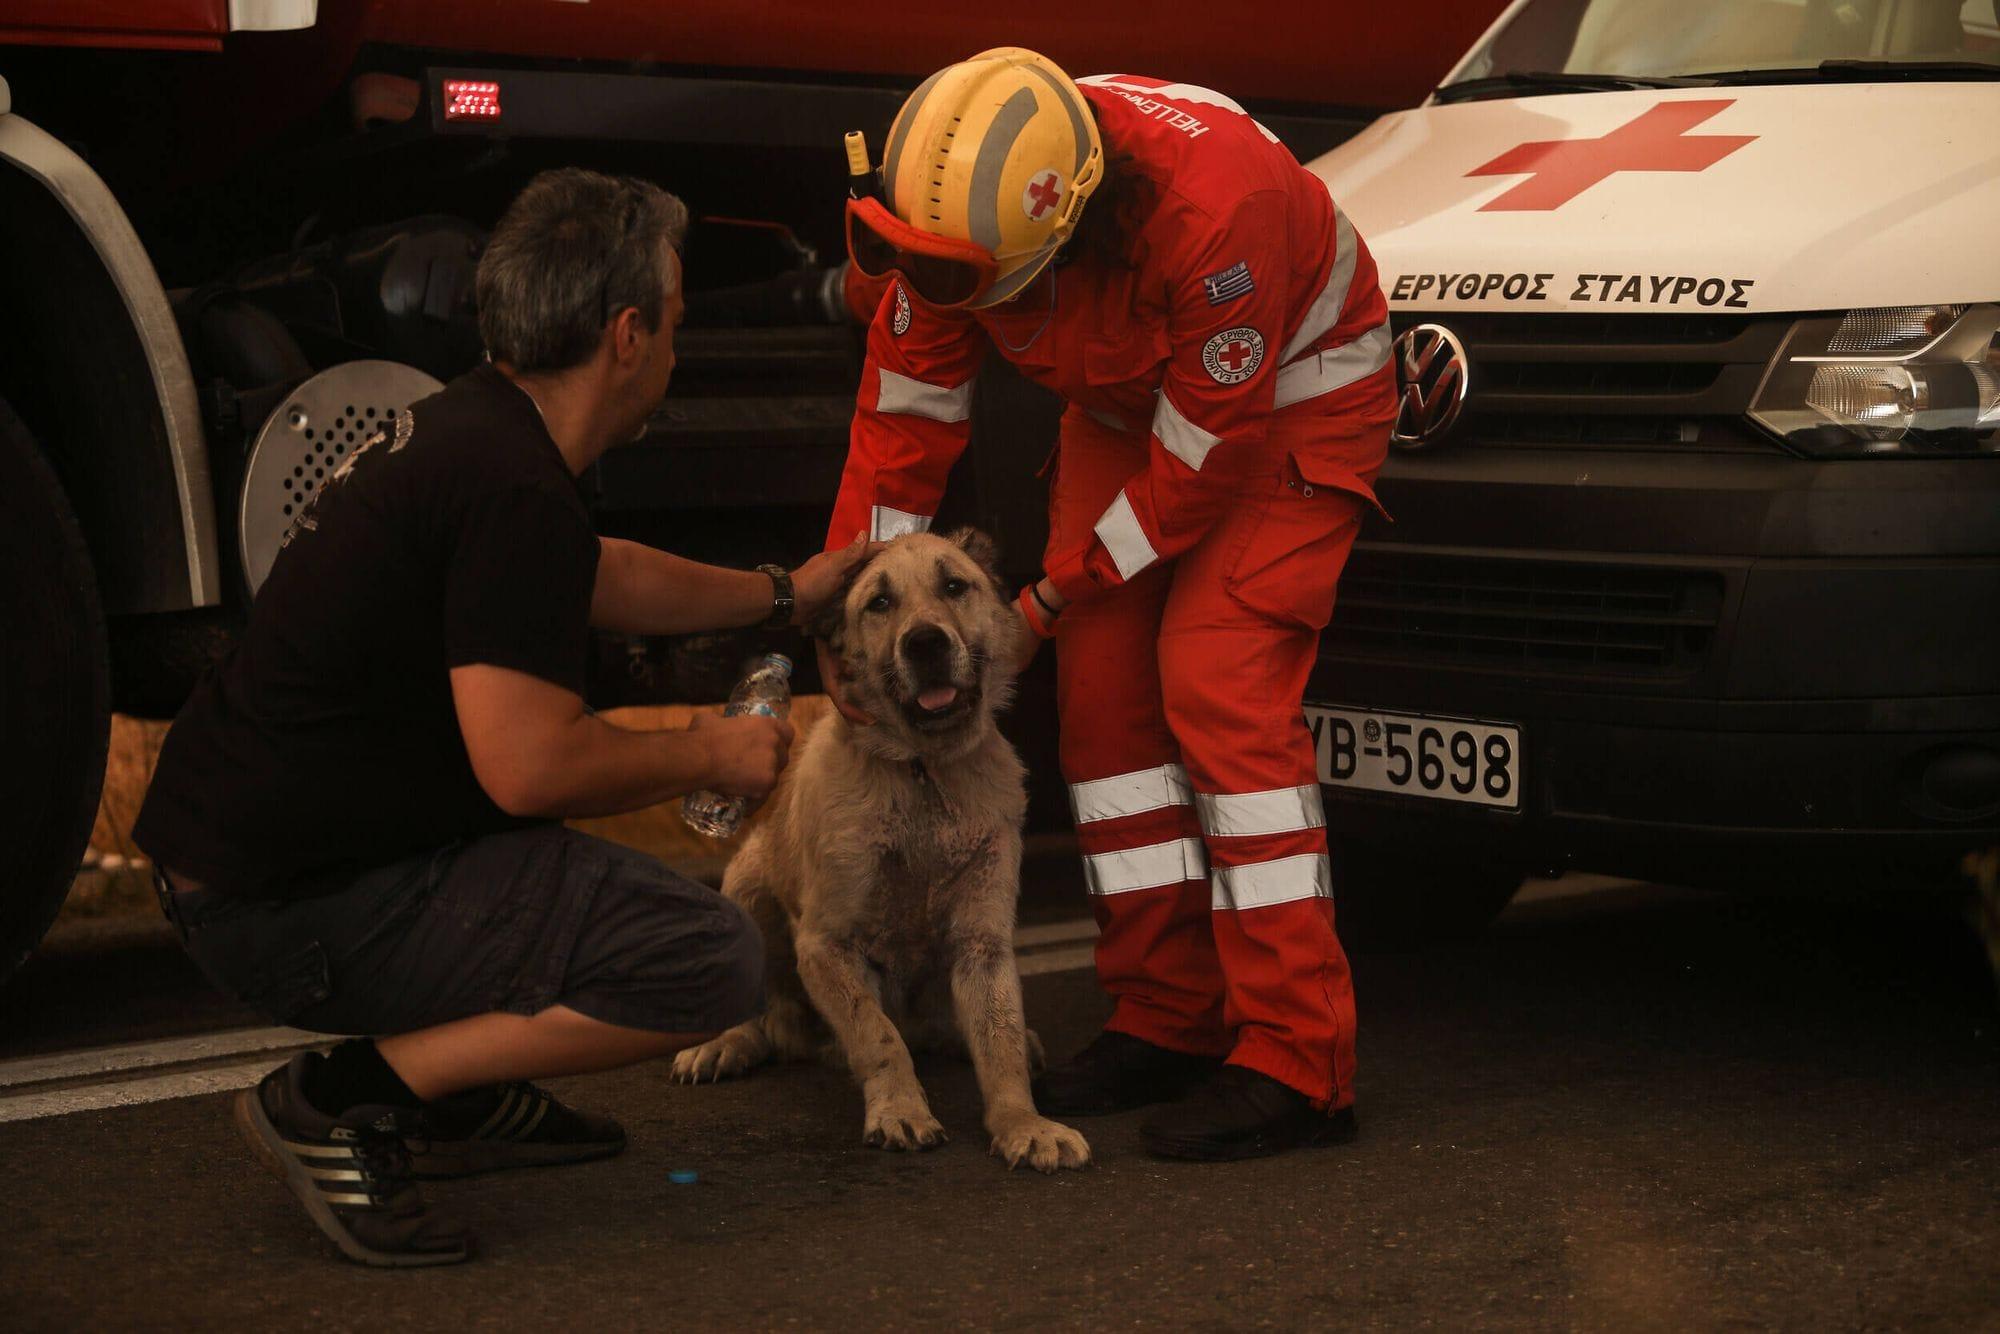 Ένας εθελοντής και ένας πυροσβέστης χαϊδεύουν και δίνουν νερό σε έναν σκύλο